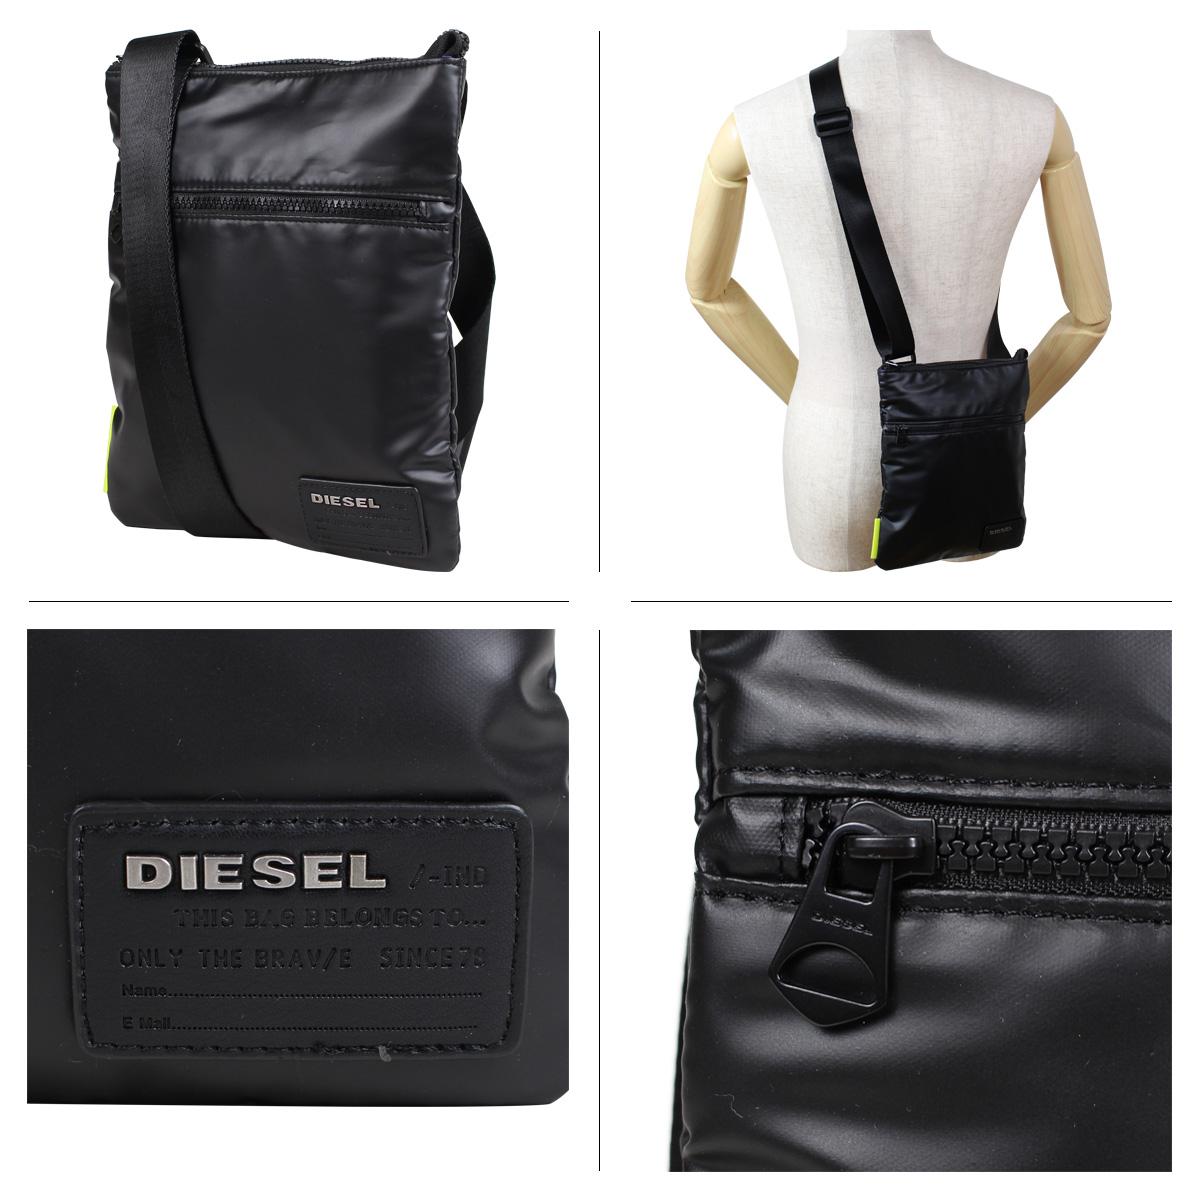 b5c43b1d3a DIESEL bag men gap Dis diesel shoulder bag F-DISCOVER CROSS X04813 P1157  T8013 black  6 18 Shinnyu load